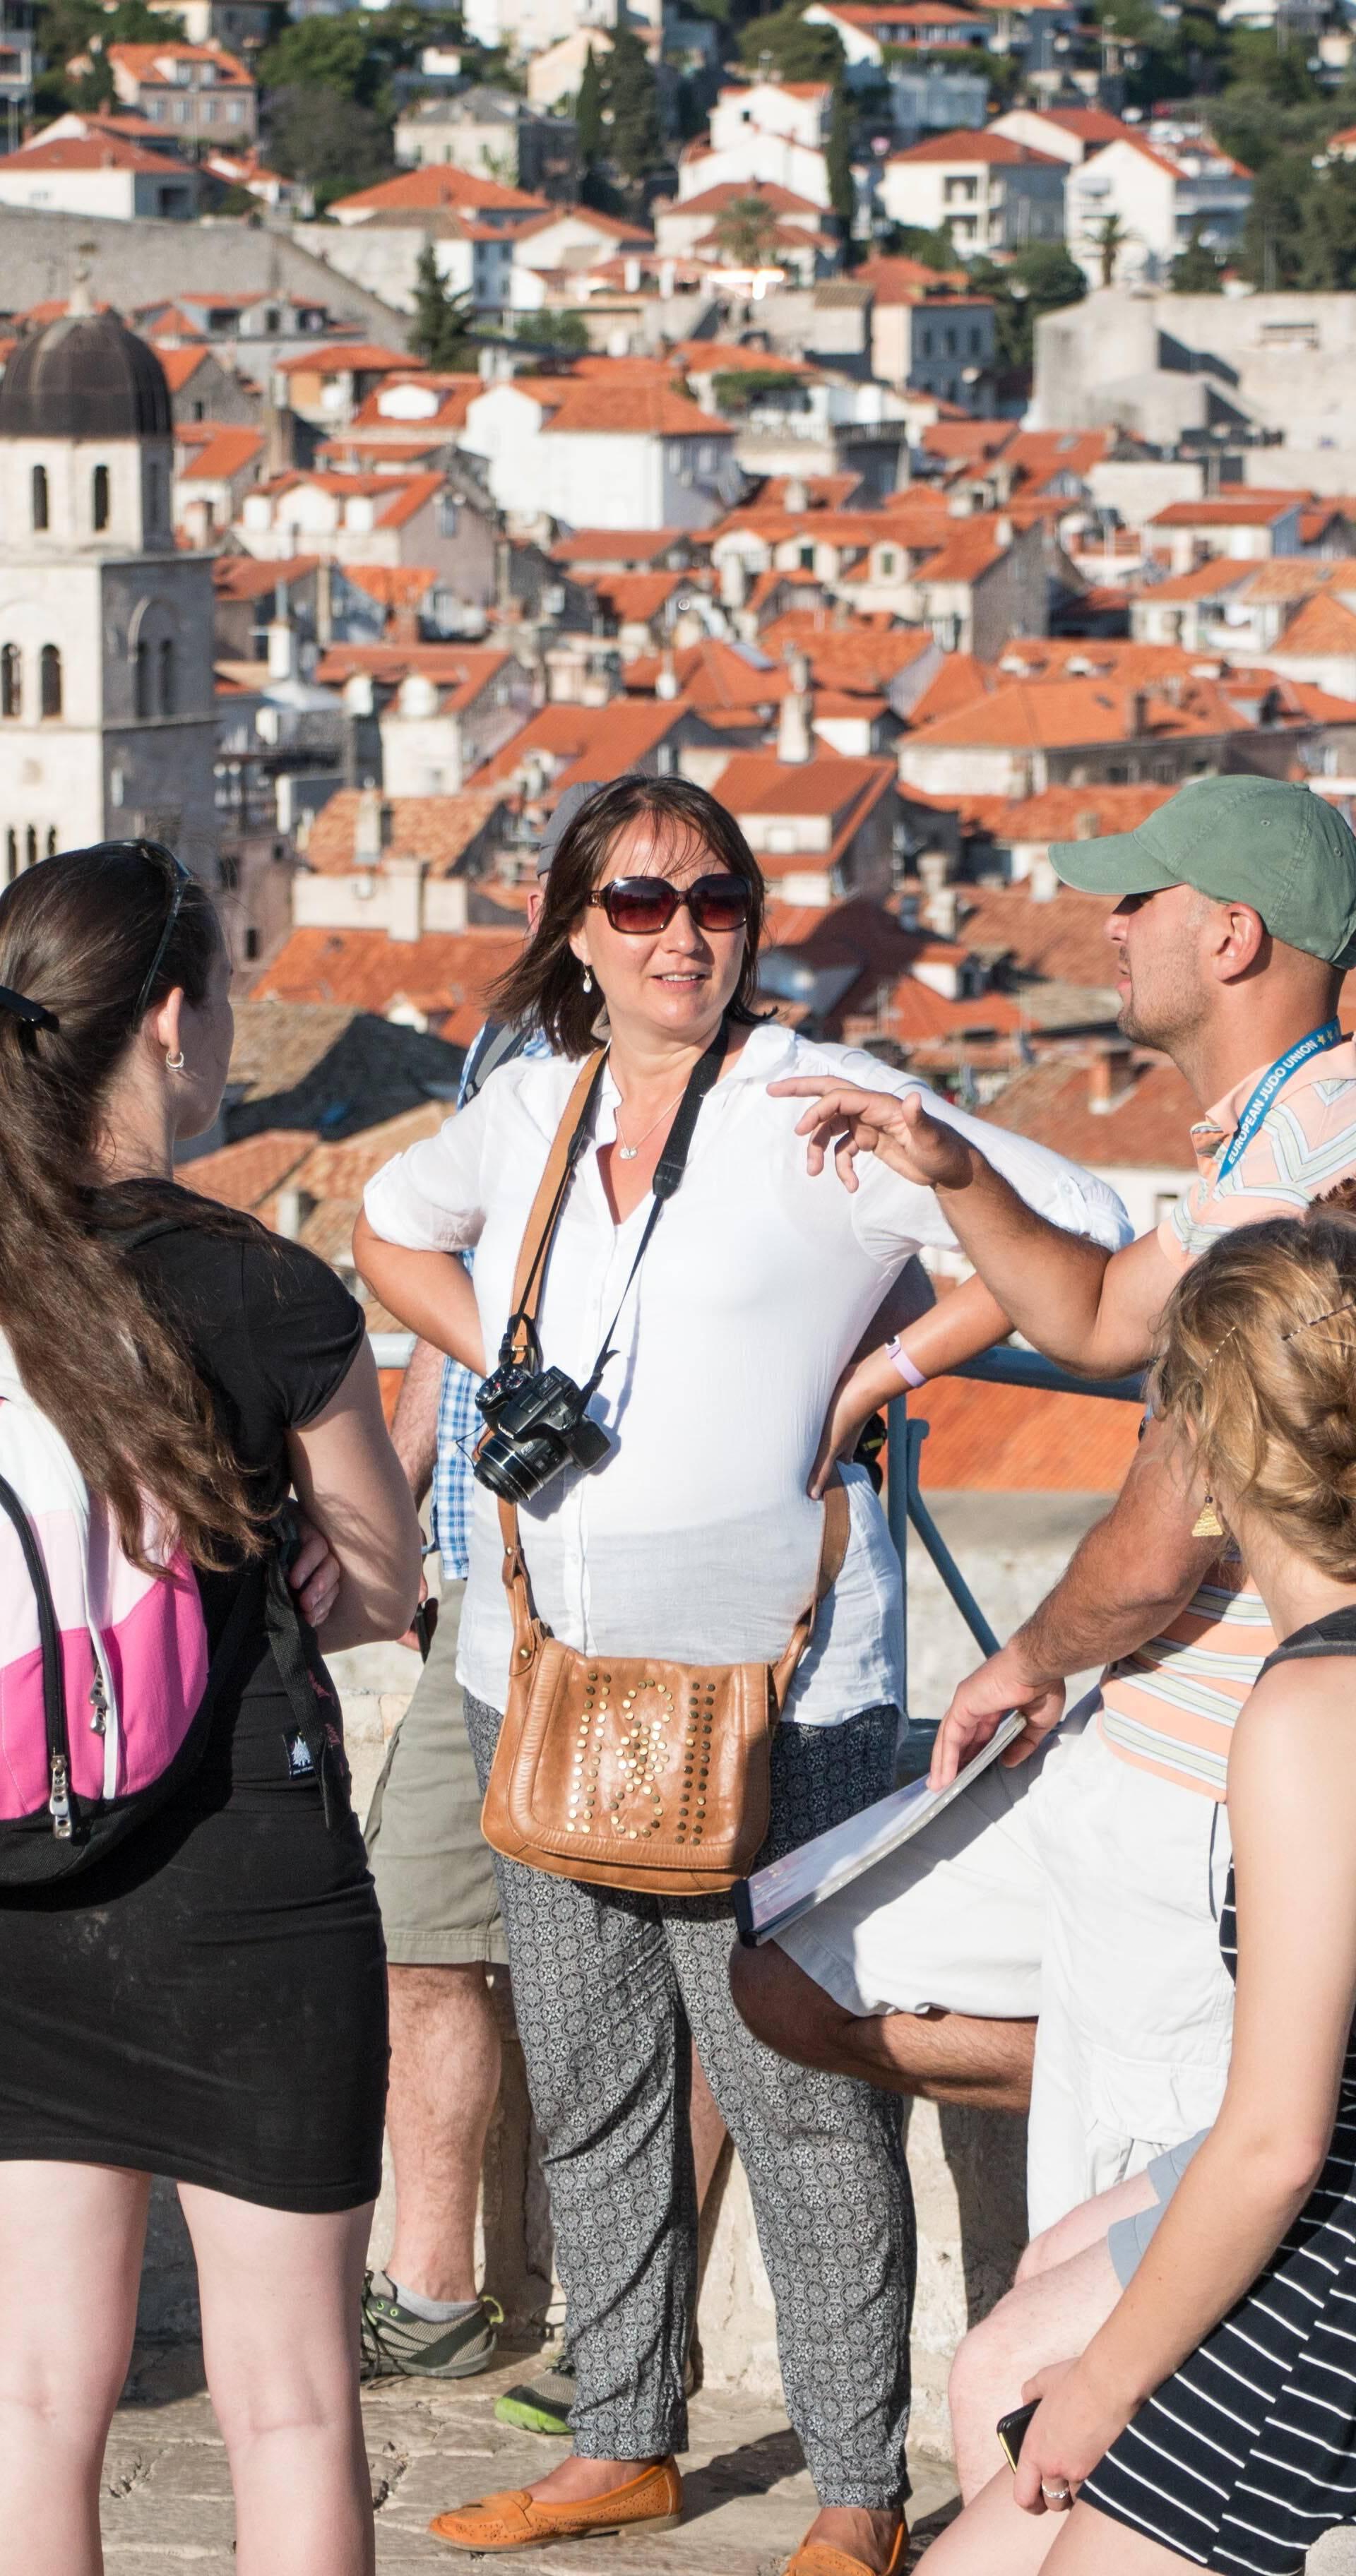 'Stranci misle da je Dubrovnik sagrađen zbog Igre prijestolja'